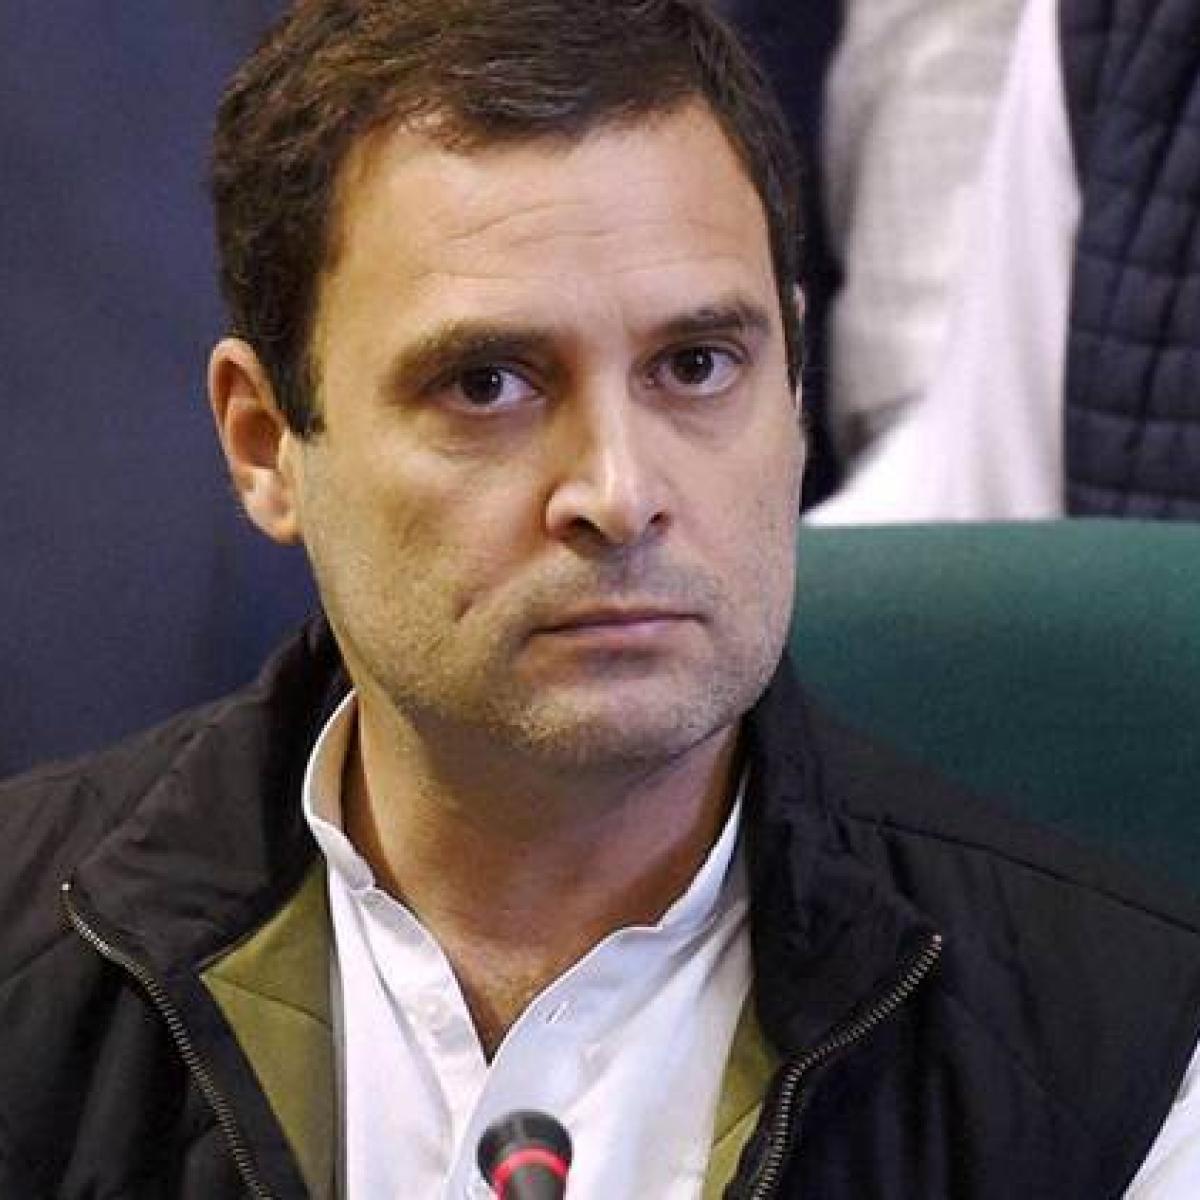 India reeling under 'Modi-made disasters': Rahul Gandhi